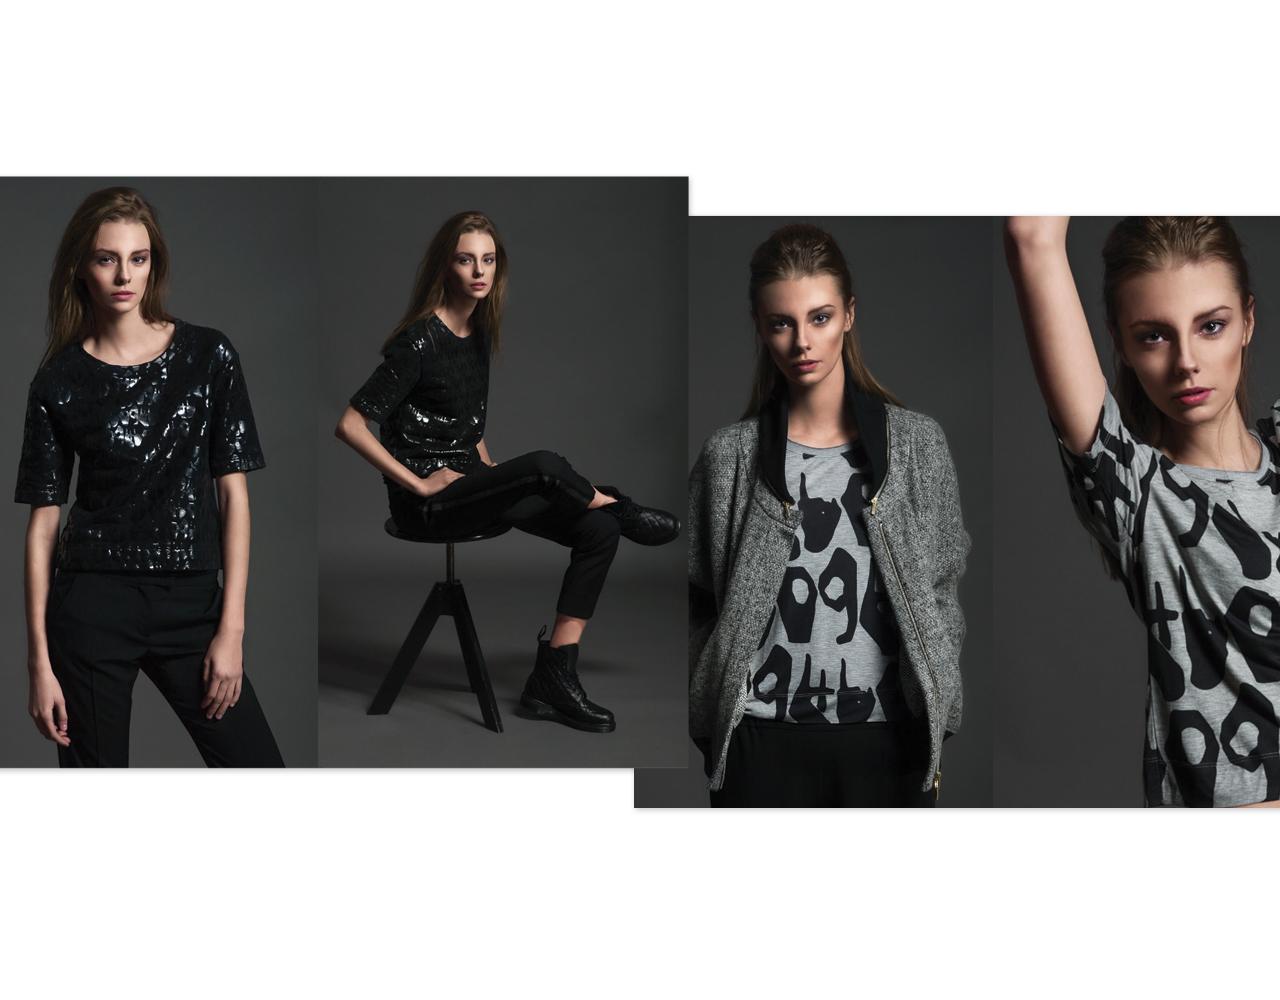 Caroline-Rismont_0941-Fashion-Prints